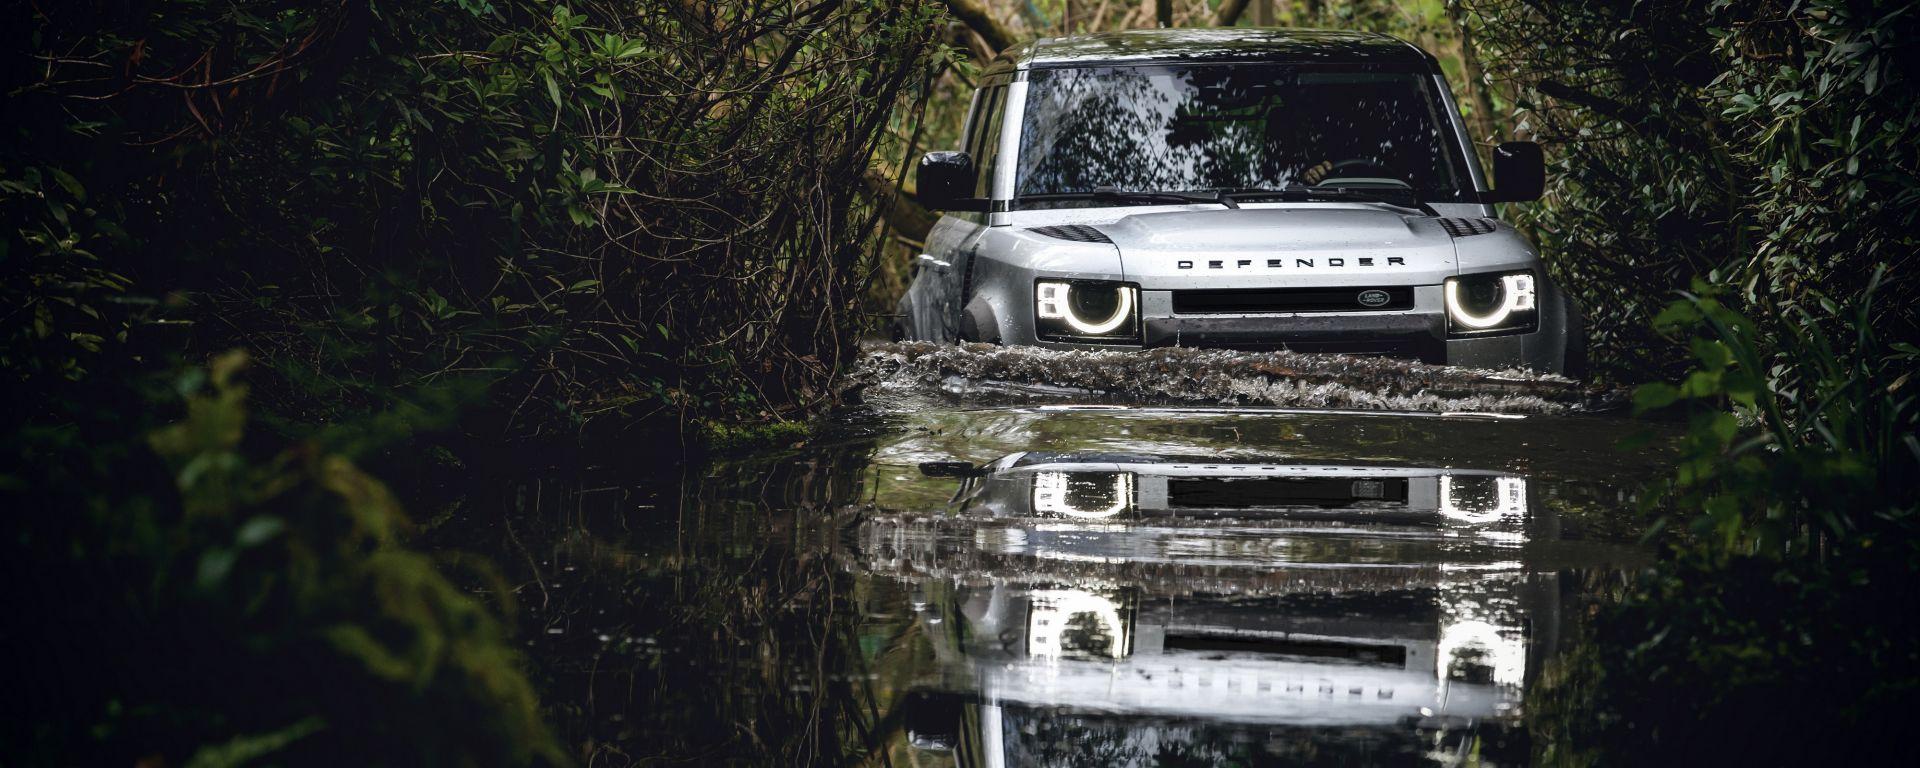 Nuova Land Rover Defender 2020: la profondità massima di guado è 90 cm